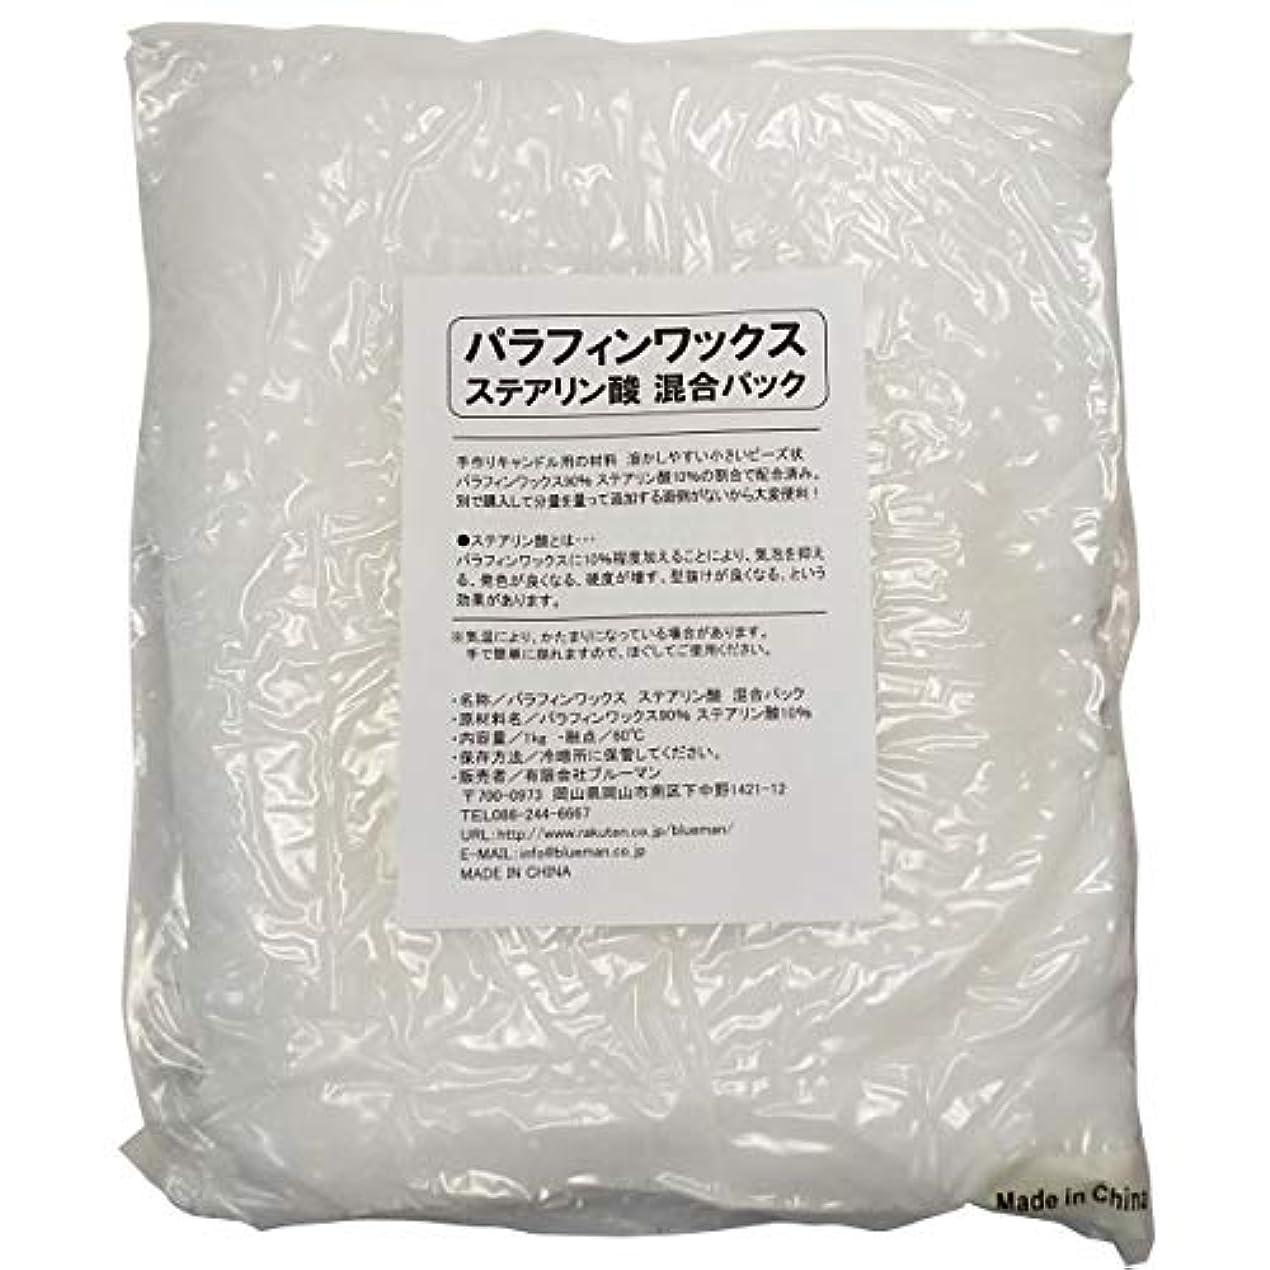 作業瞑想的雄弁家パラフィンワックス ステアリン酸 混合パック 1kg×20袋【20kg 手作りキャンドル 材料 20キロ】